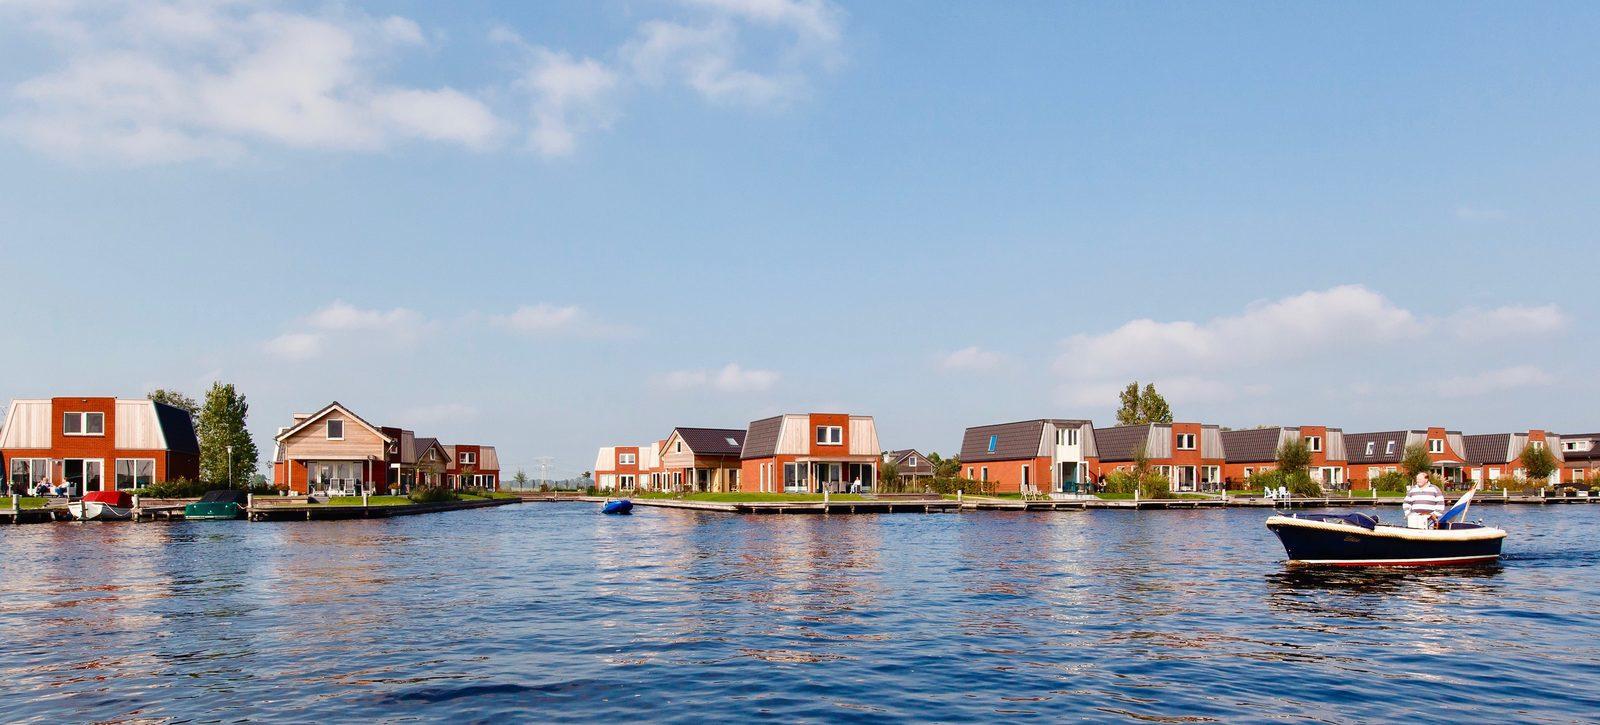 Photo of Holiday Park Tusken de Marren (Friesland)